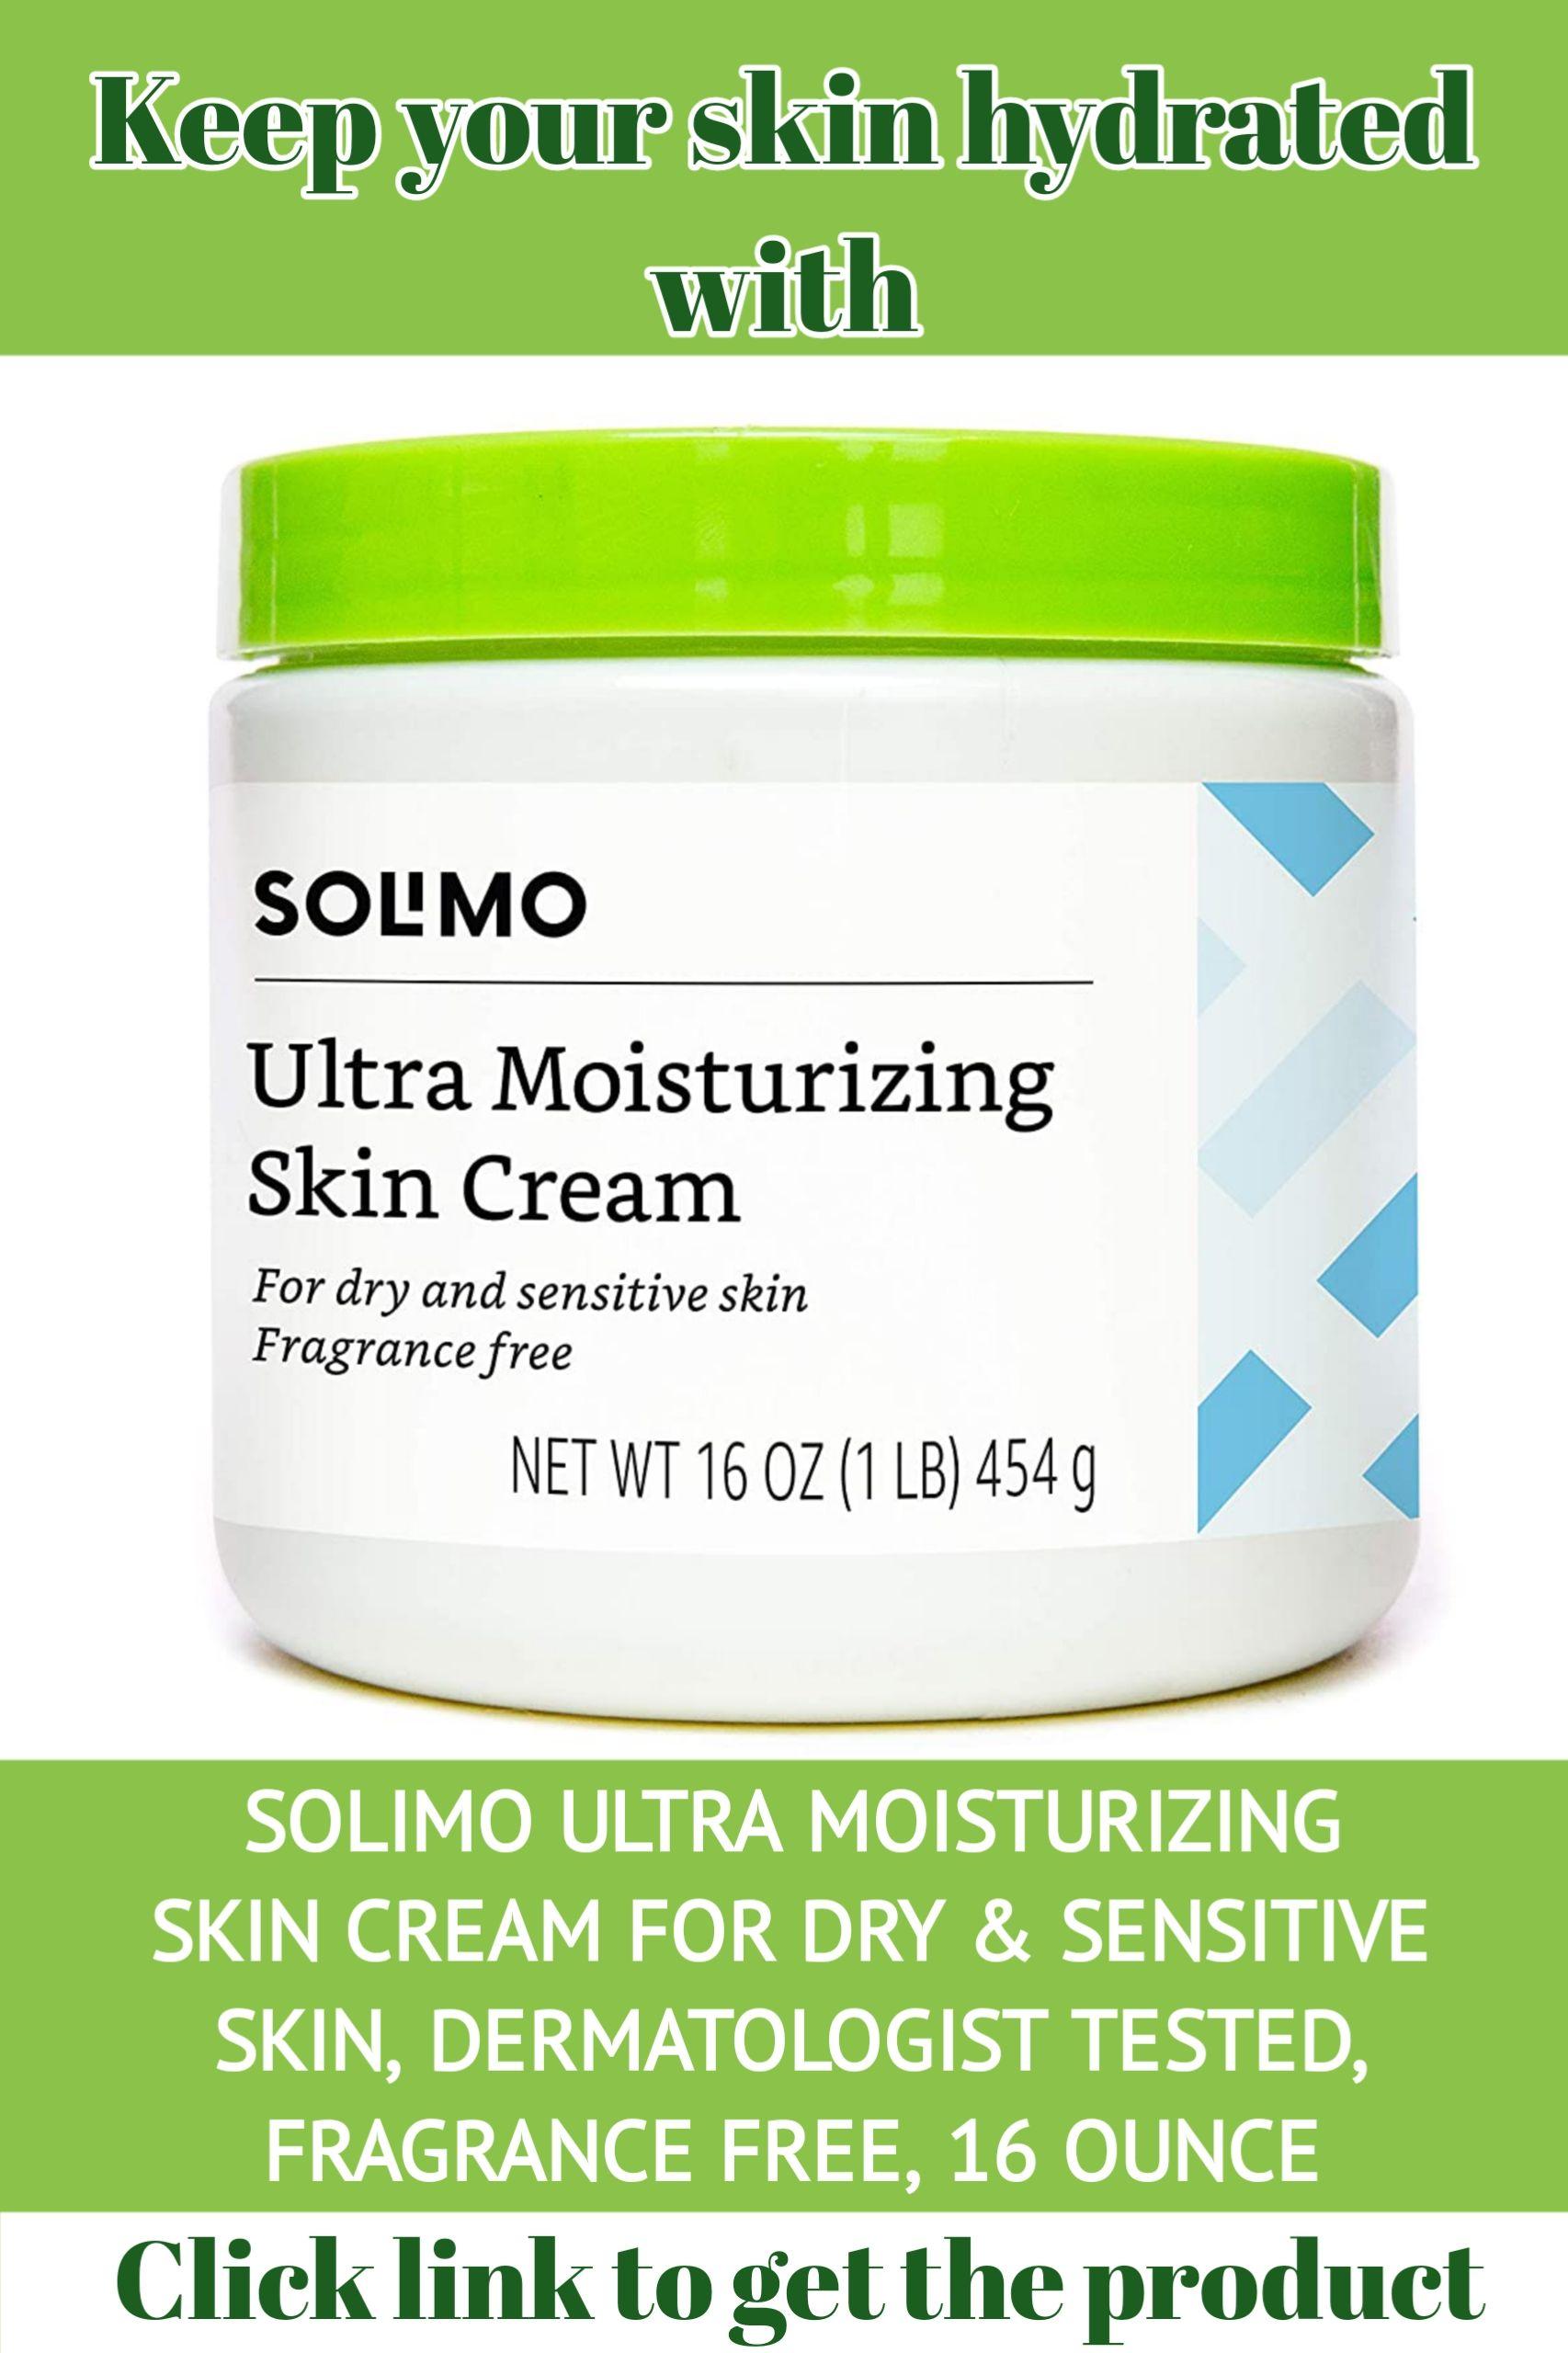 Solmo Ultra Moisturizing Skin Cream In 2020 Moisturizing Skin Cream Skin Cream Fragrance Free Products